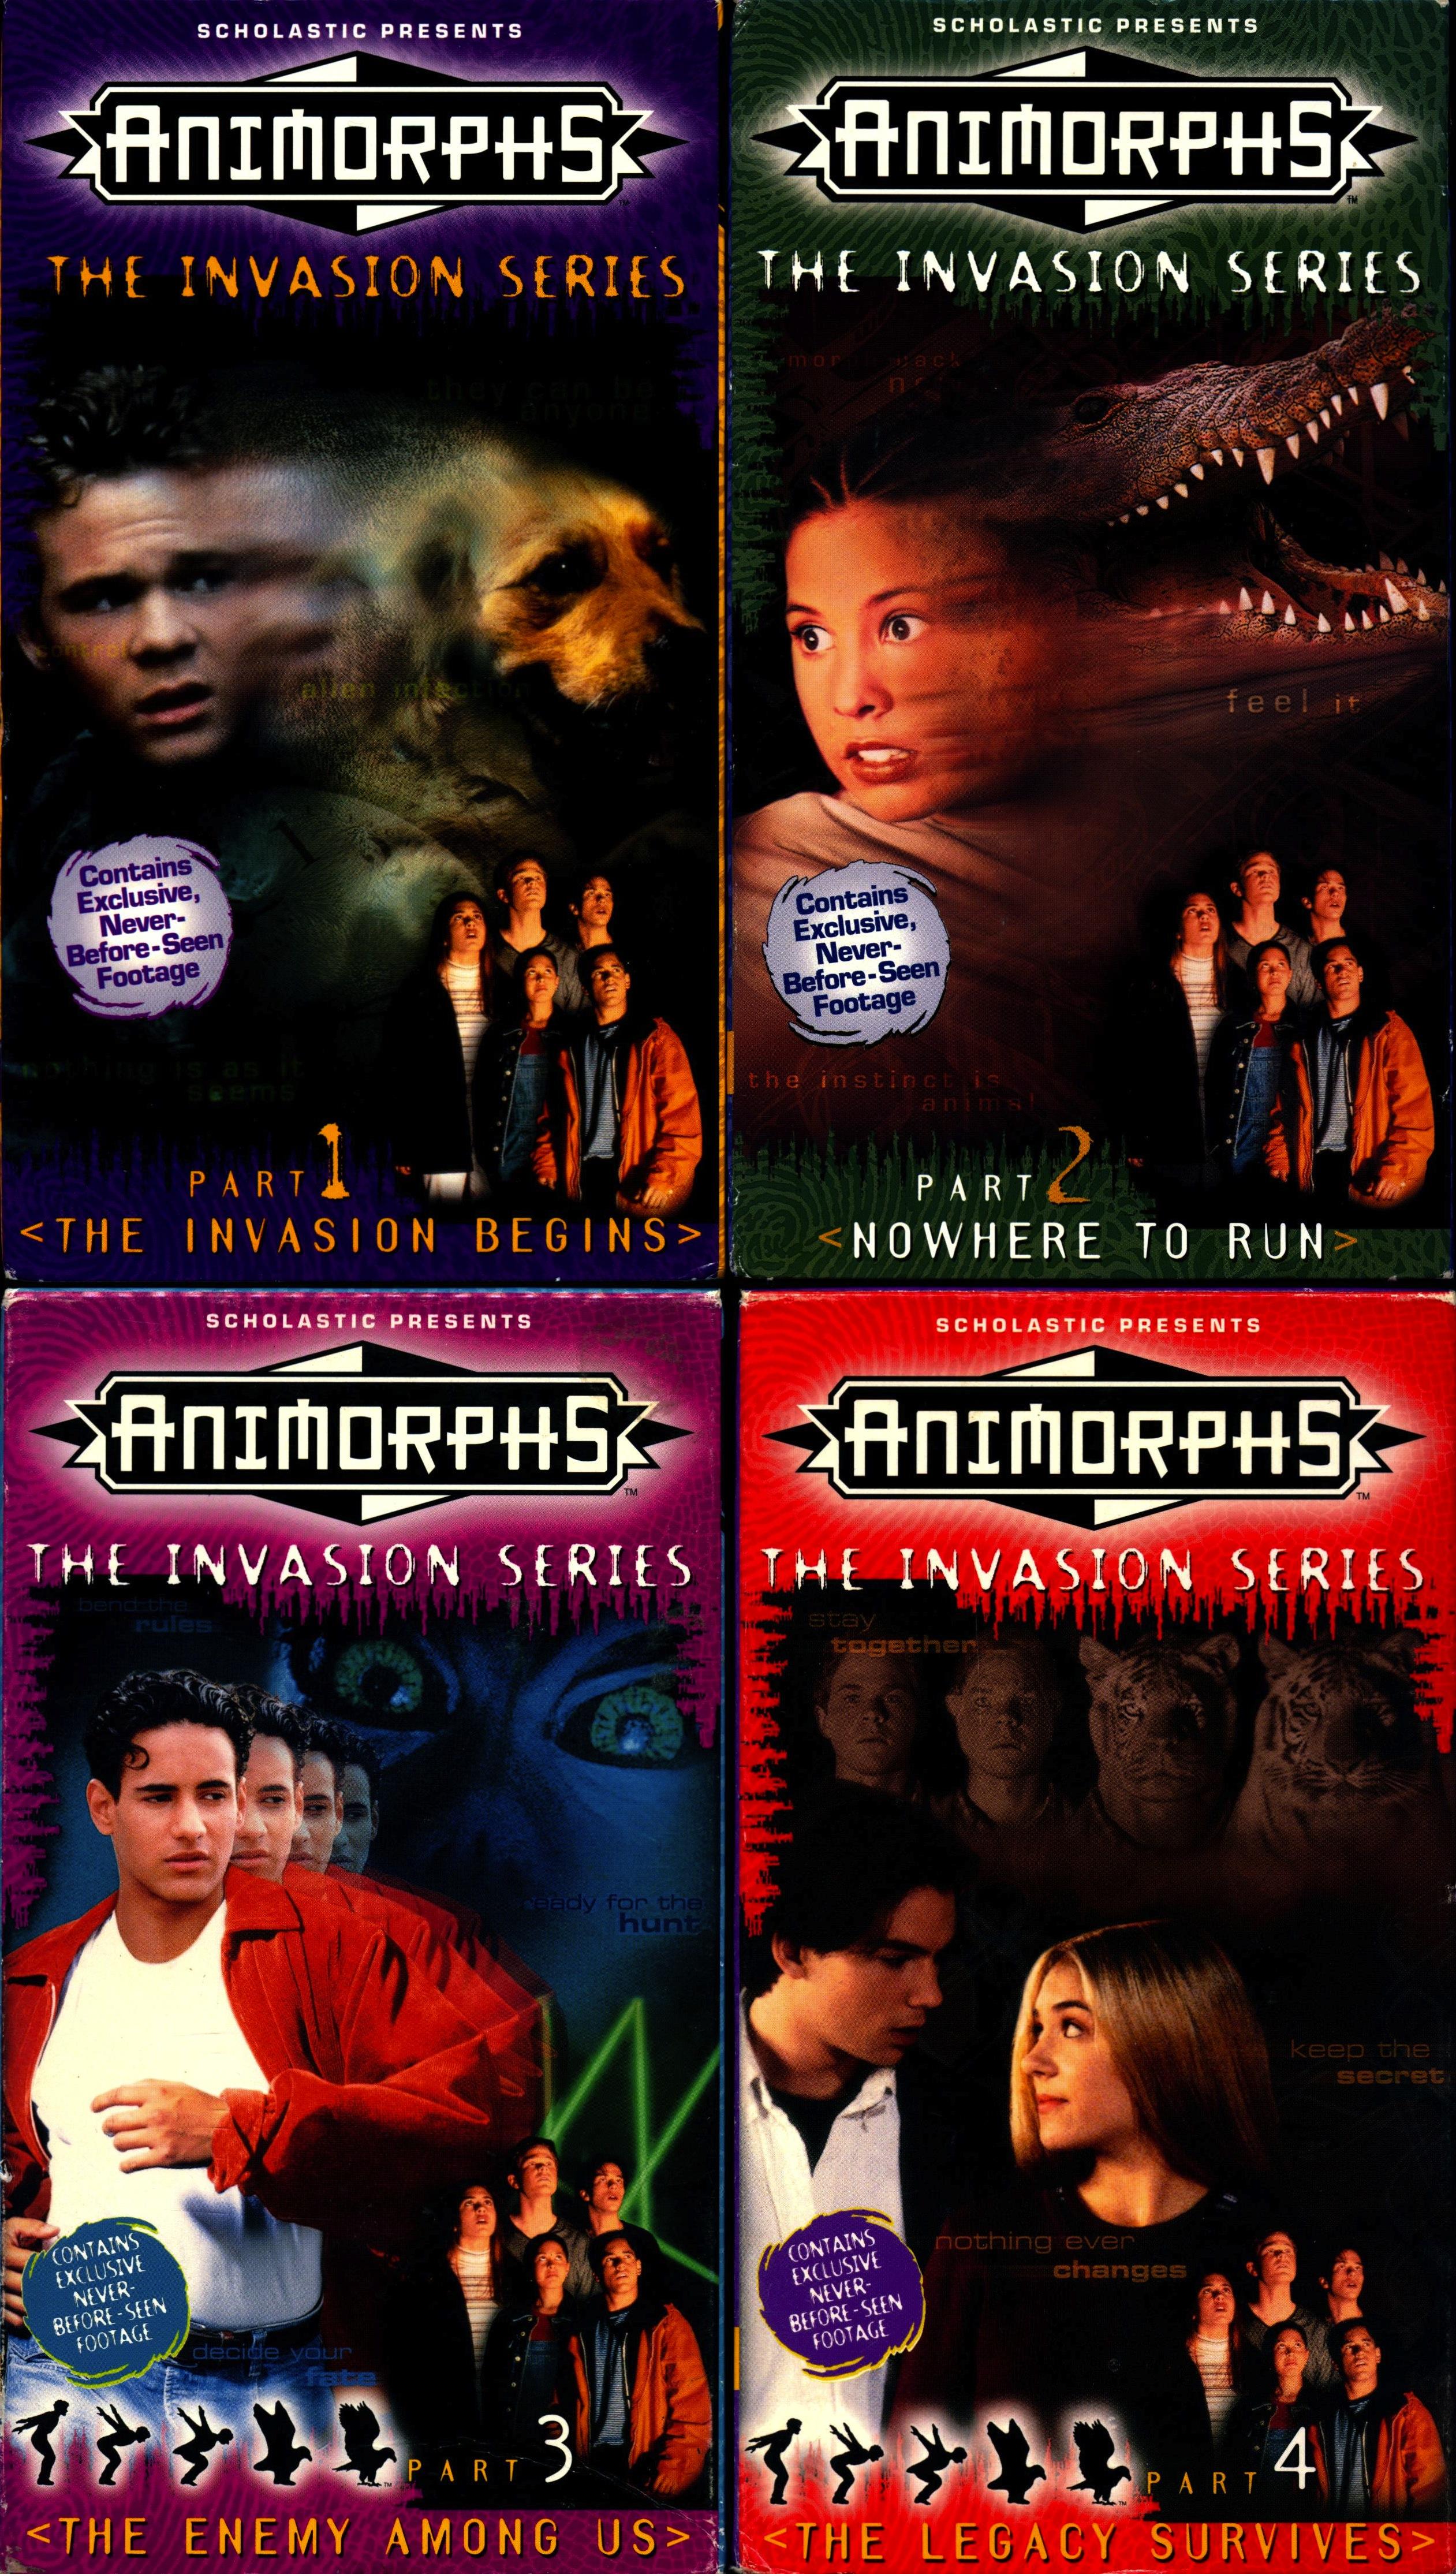 Animorphs VHS Releases